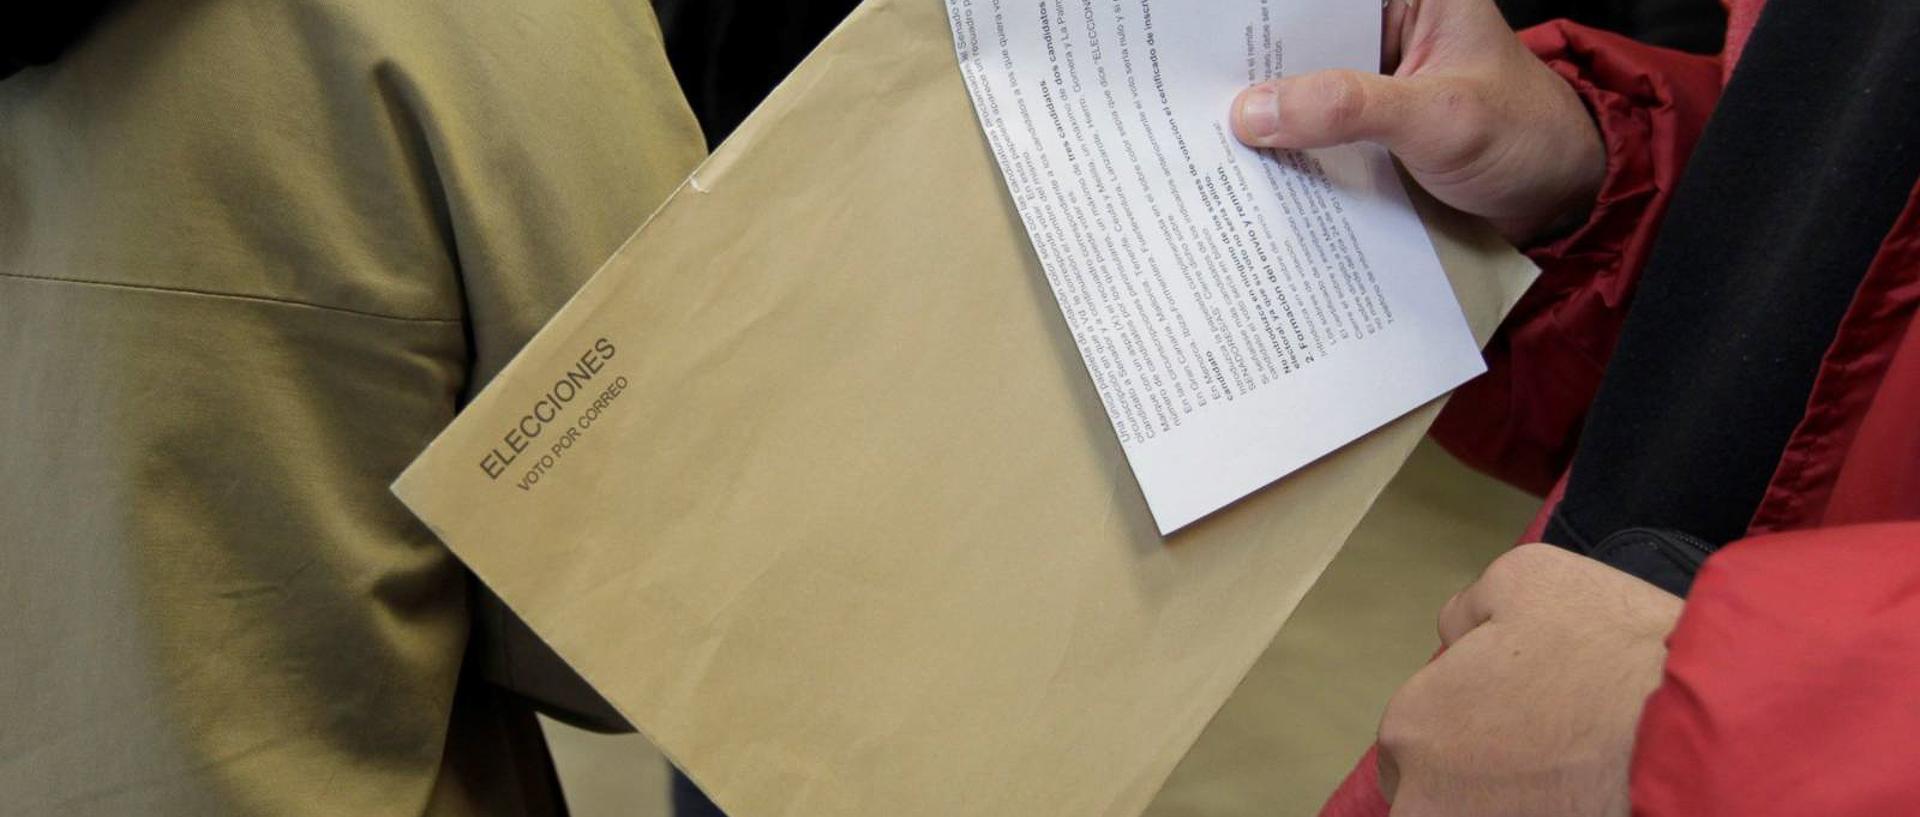 ultimo-dia-para-solicitar-el-voto-por-correo-en-las-elecciones-del-26-m-guia-para-rezagados